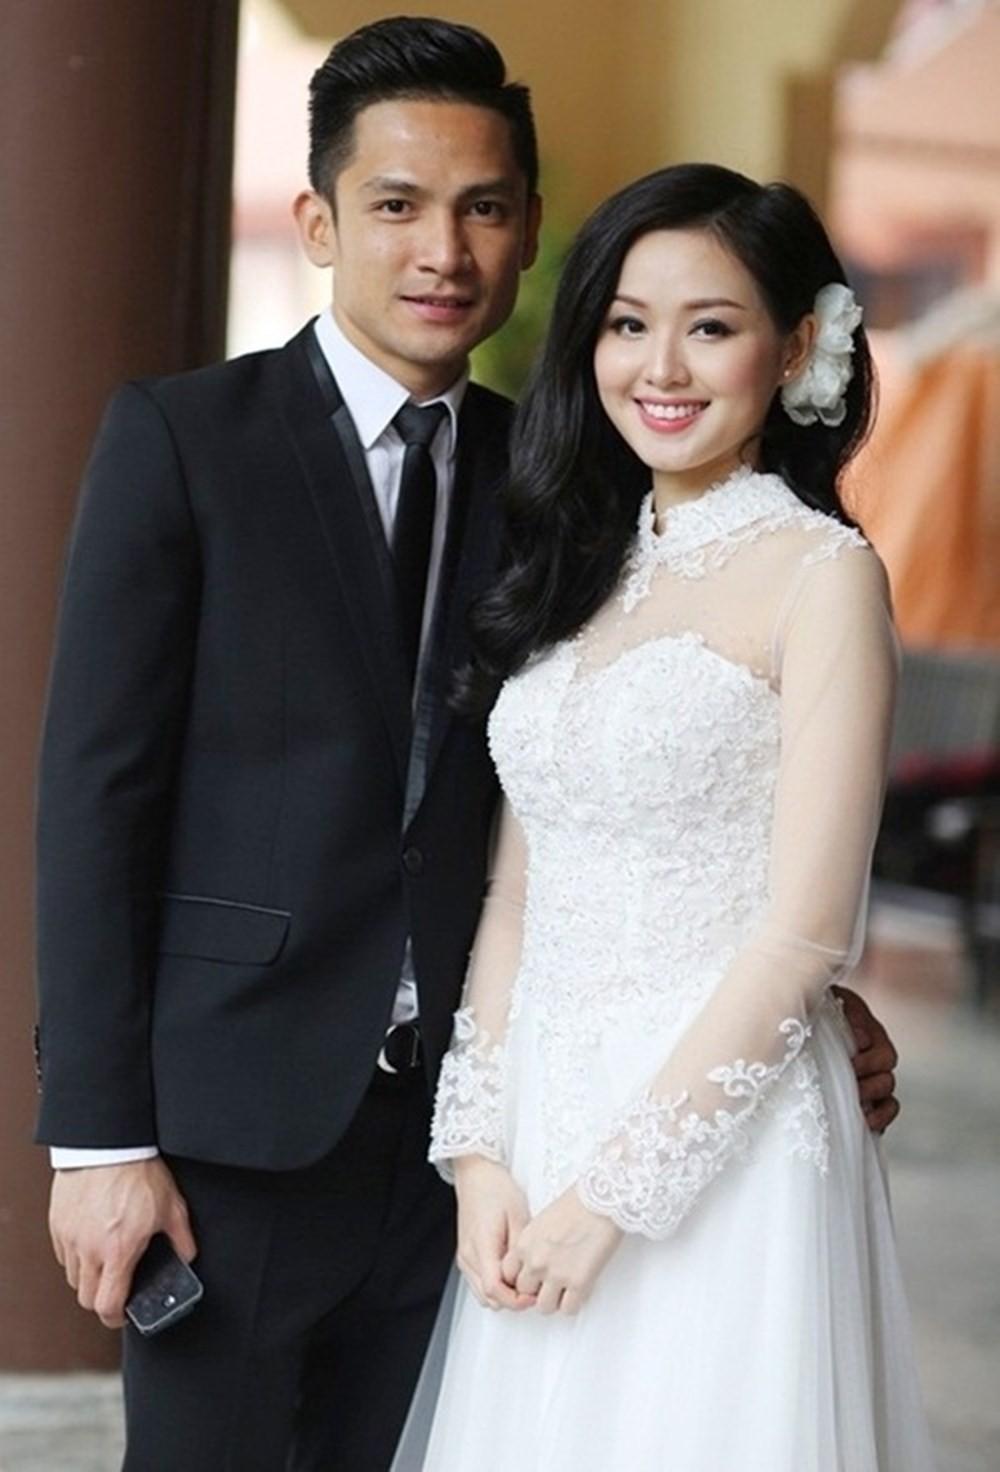 Những người đẹp Vbiz vướng nghi vấn mang bầu trước đám cưới - Ảnh 9.